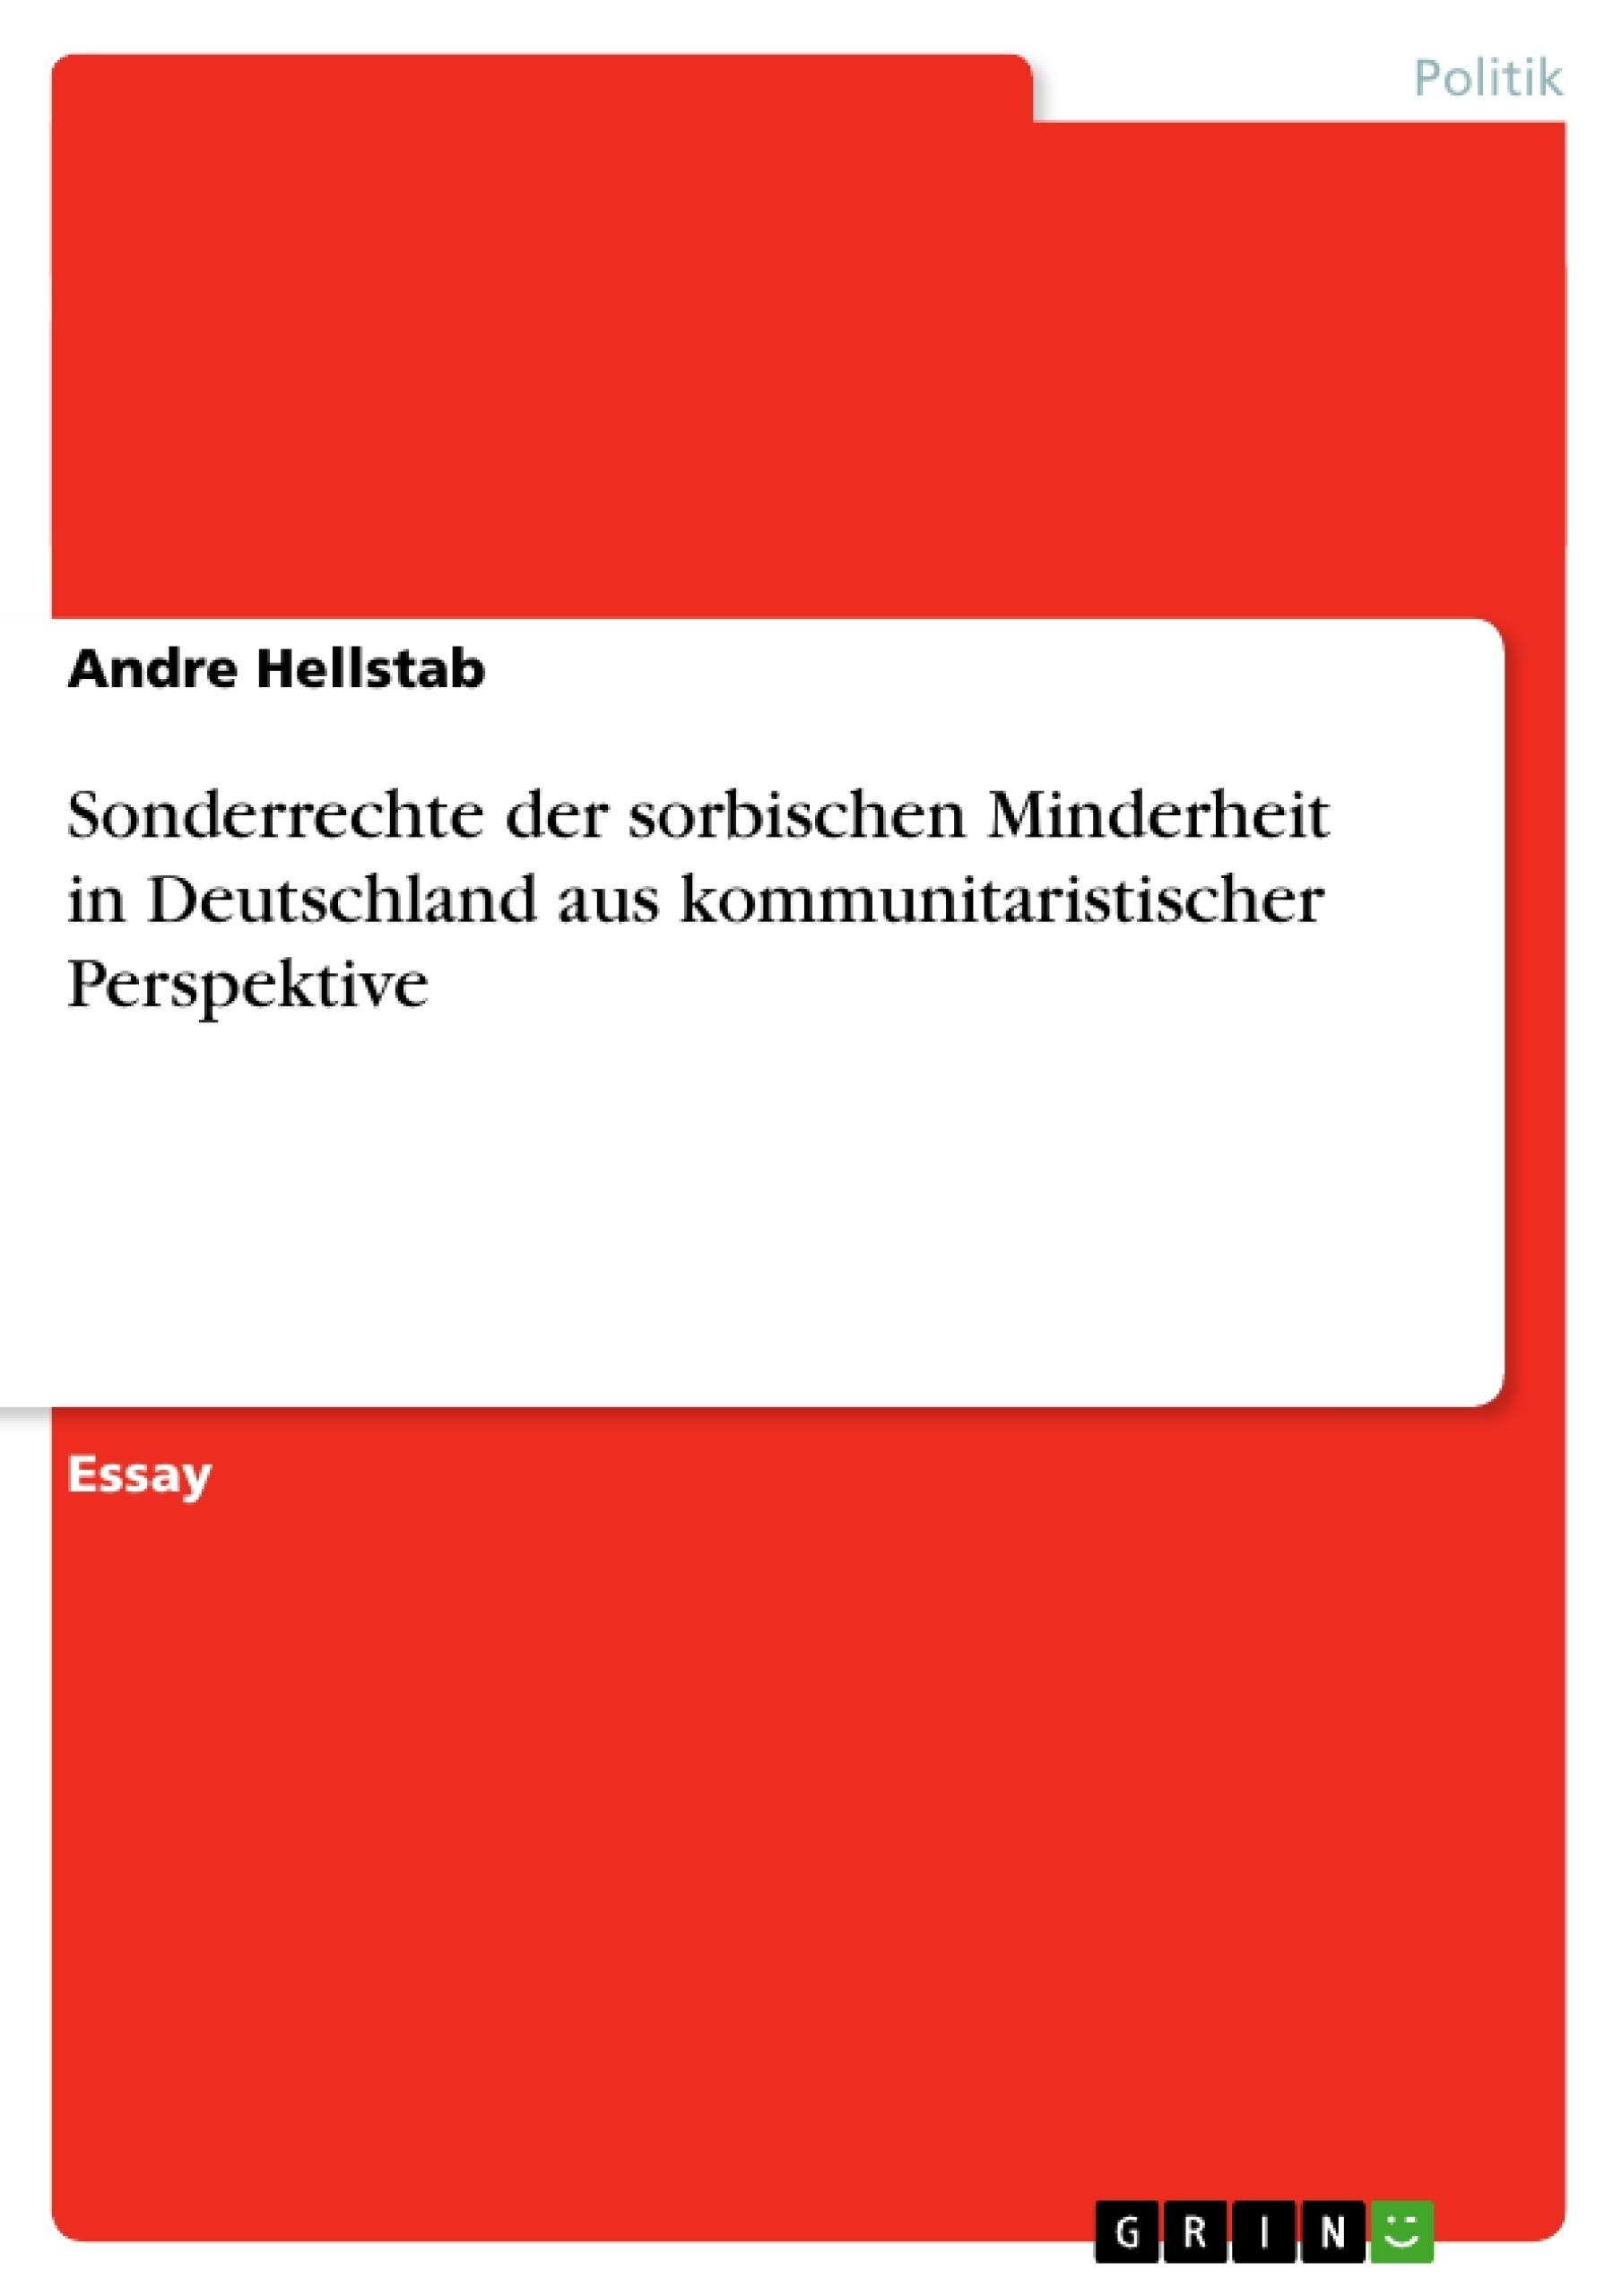 Titel: Sonderrechte der sorbischen Minderheit in Deutschland aus kommunitaristischer Perspektive